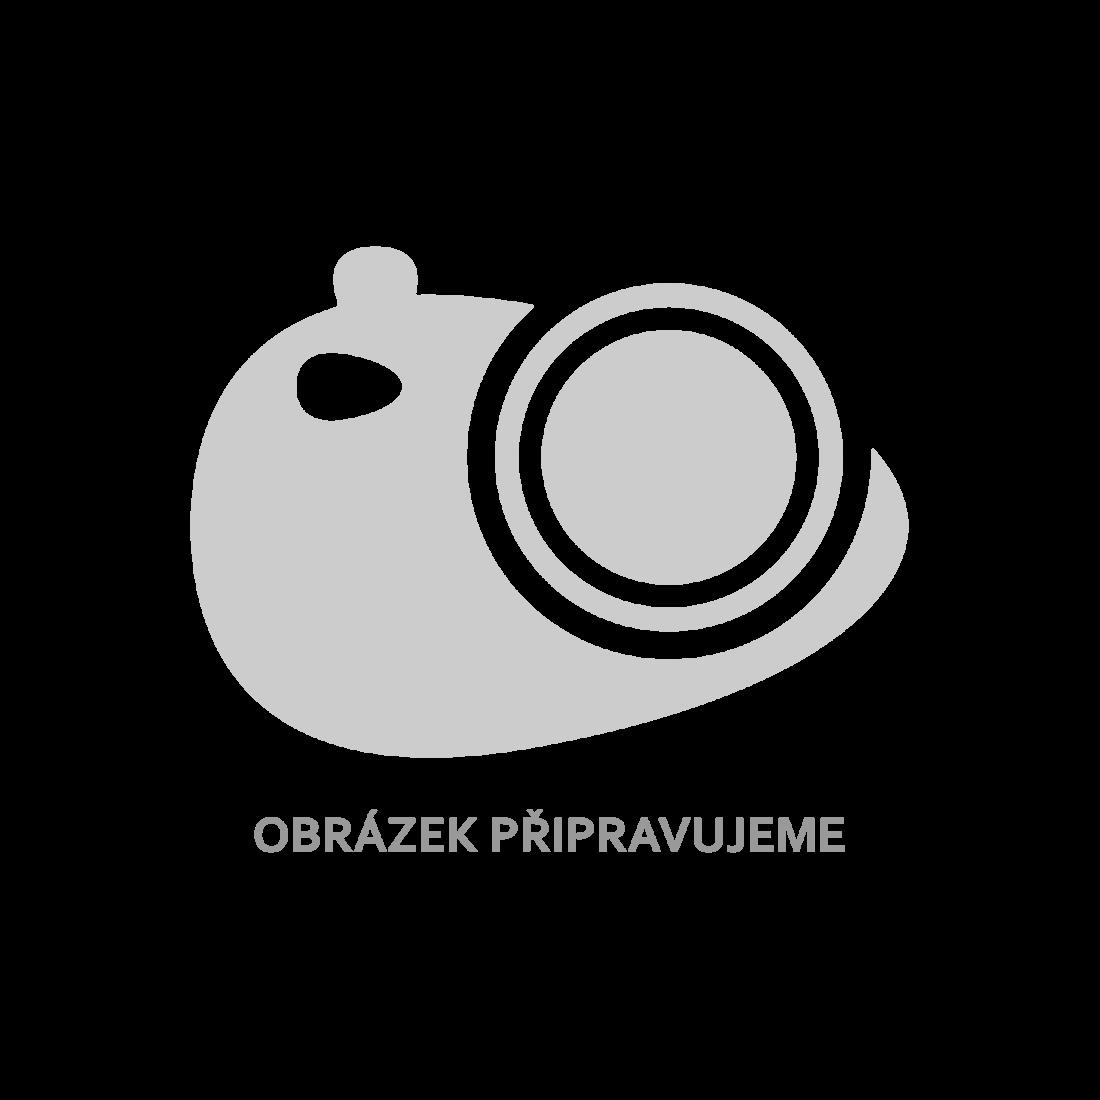 Otočné barové stoličky z umělé kůže 2 ks 45 x 44,5 x 85 cm bílé [246926]